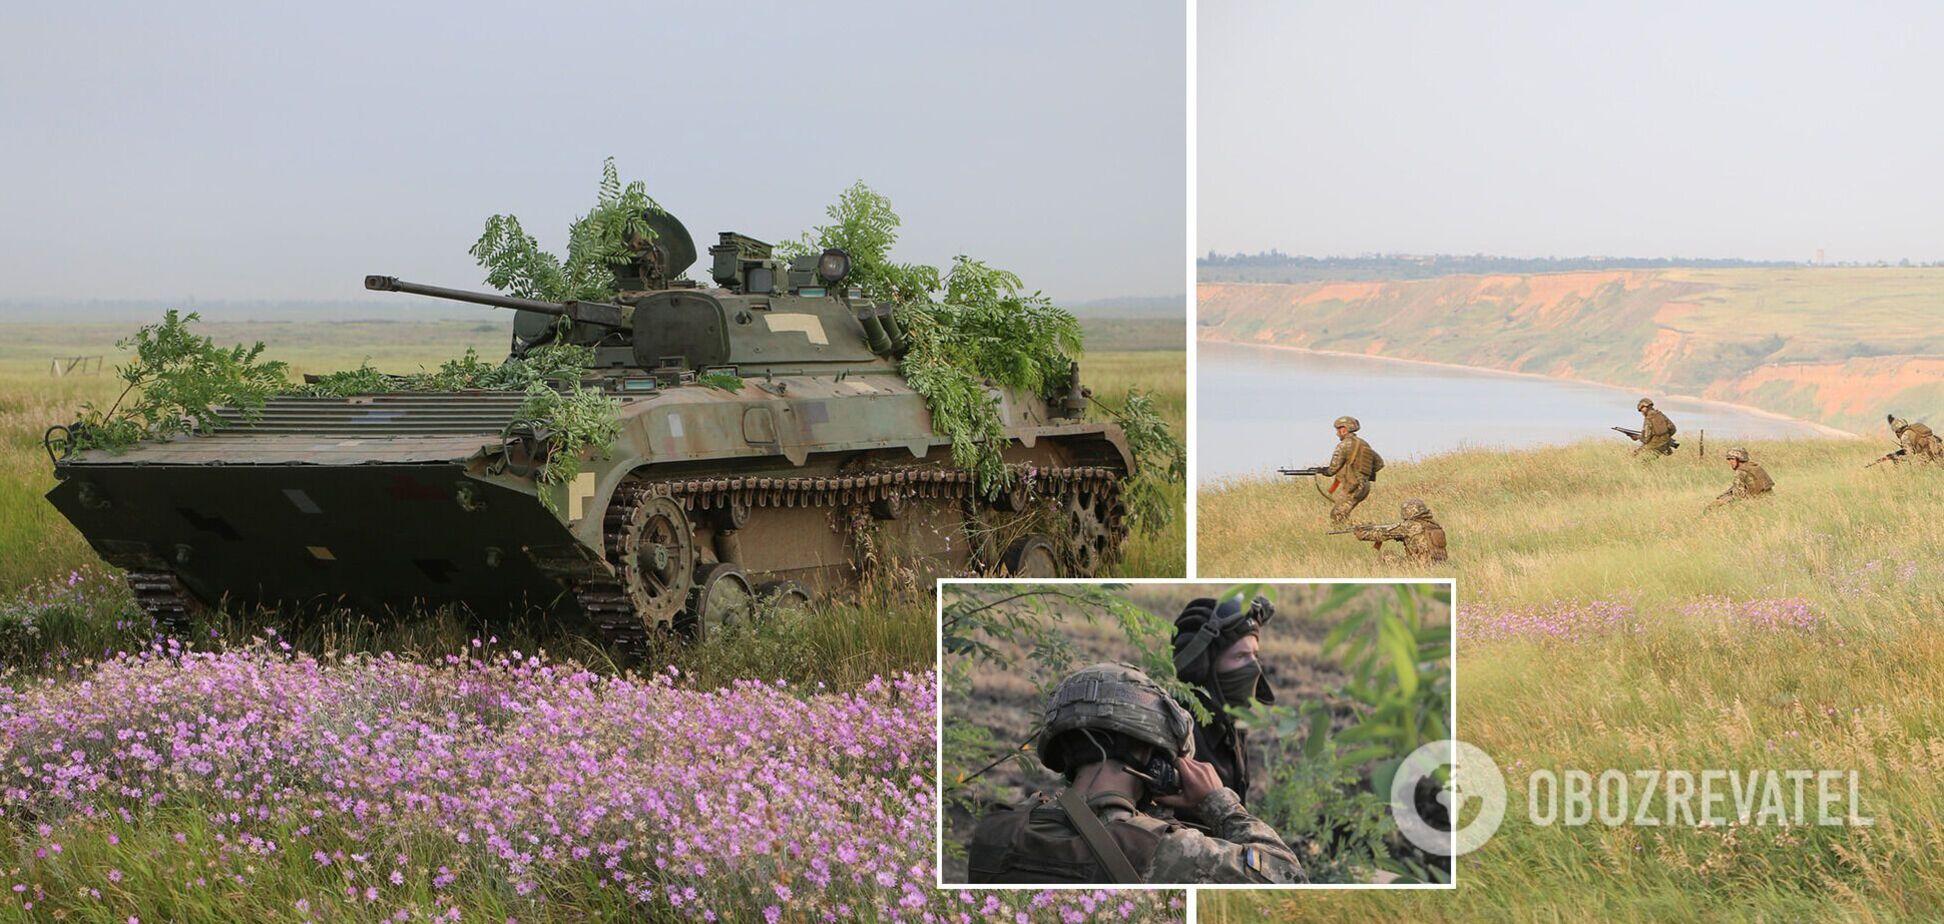 ВСУ в зоне ООС отработали удары по морскому десанту противника. Фото